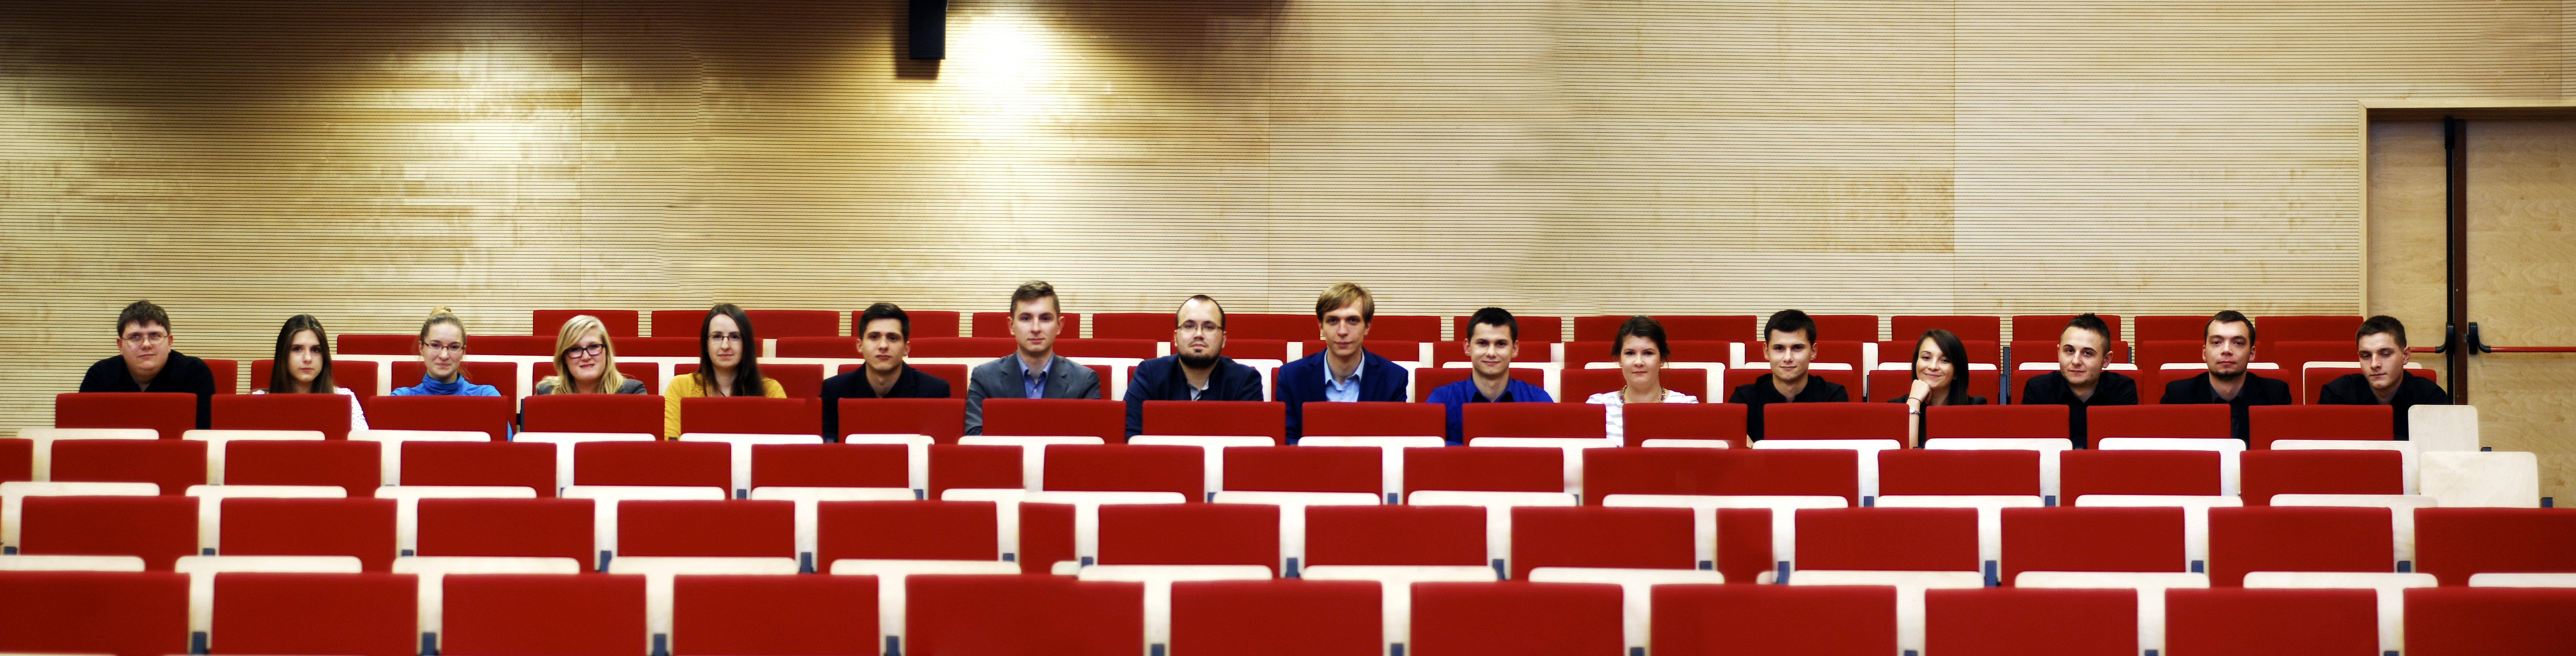 Wydziałowa Rada Samorządu Studentów Wydziału Inżynierii Materiałowej i Ceramiki